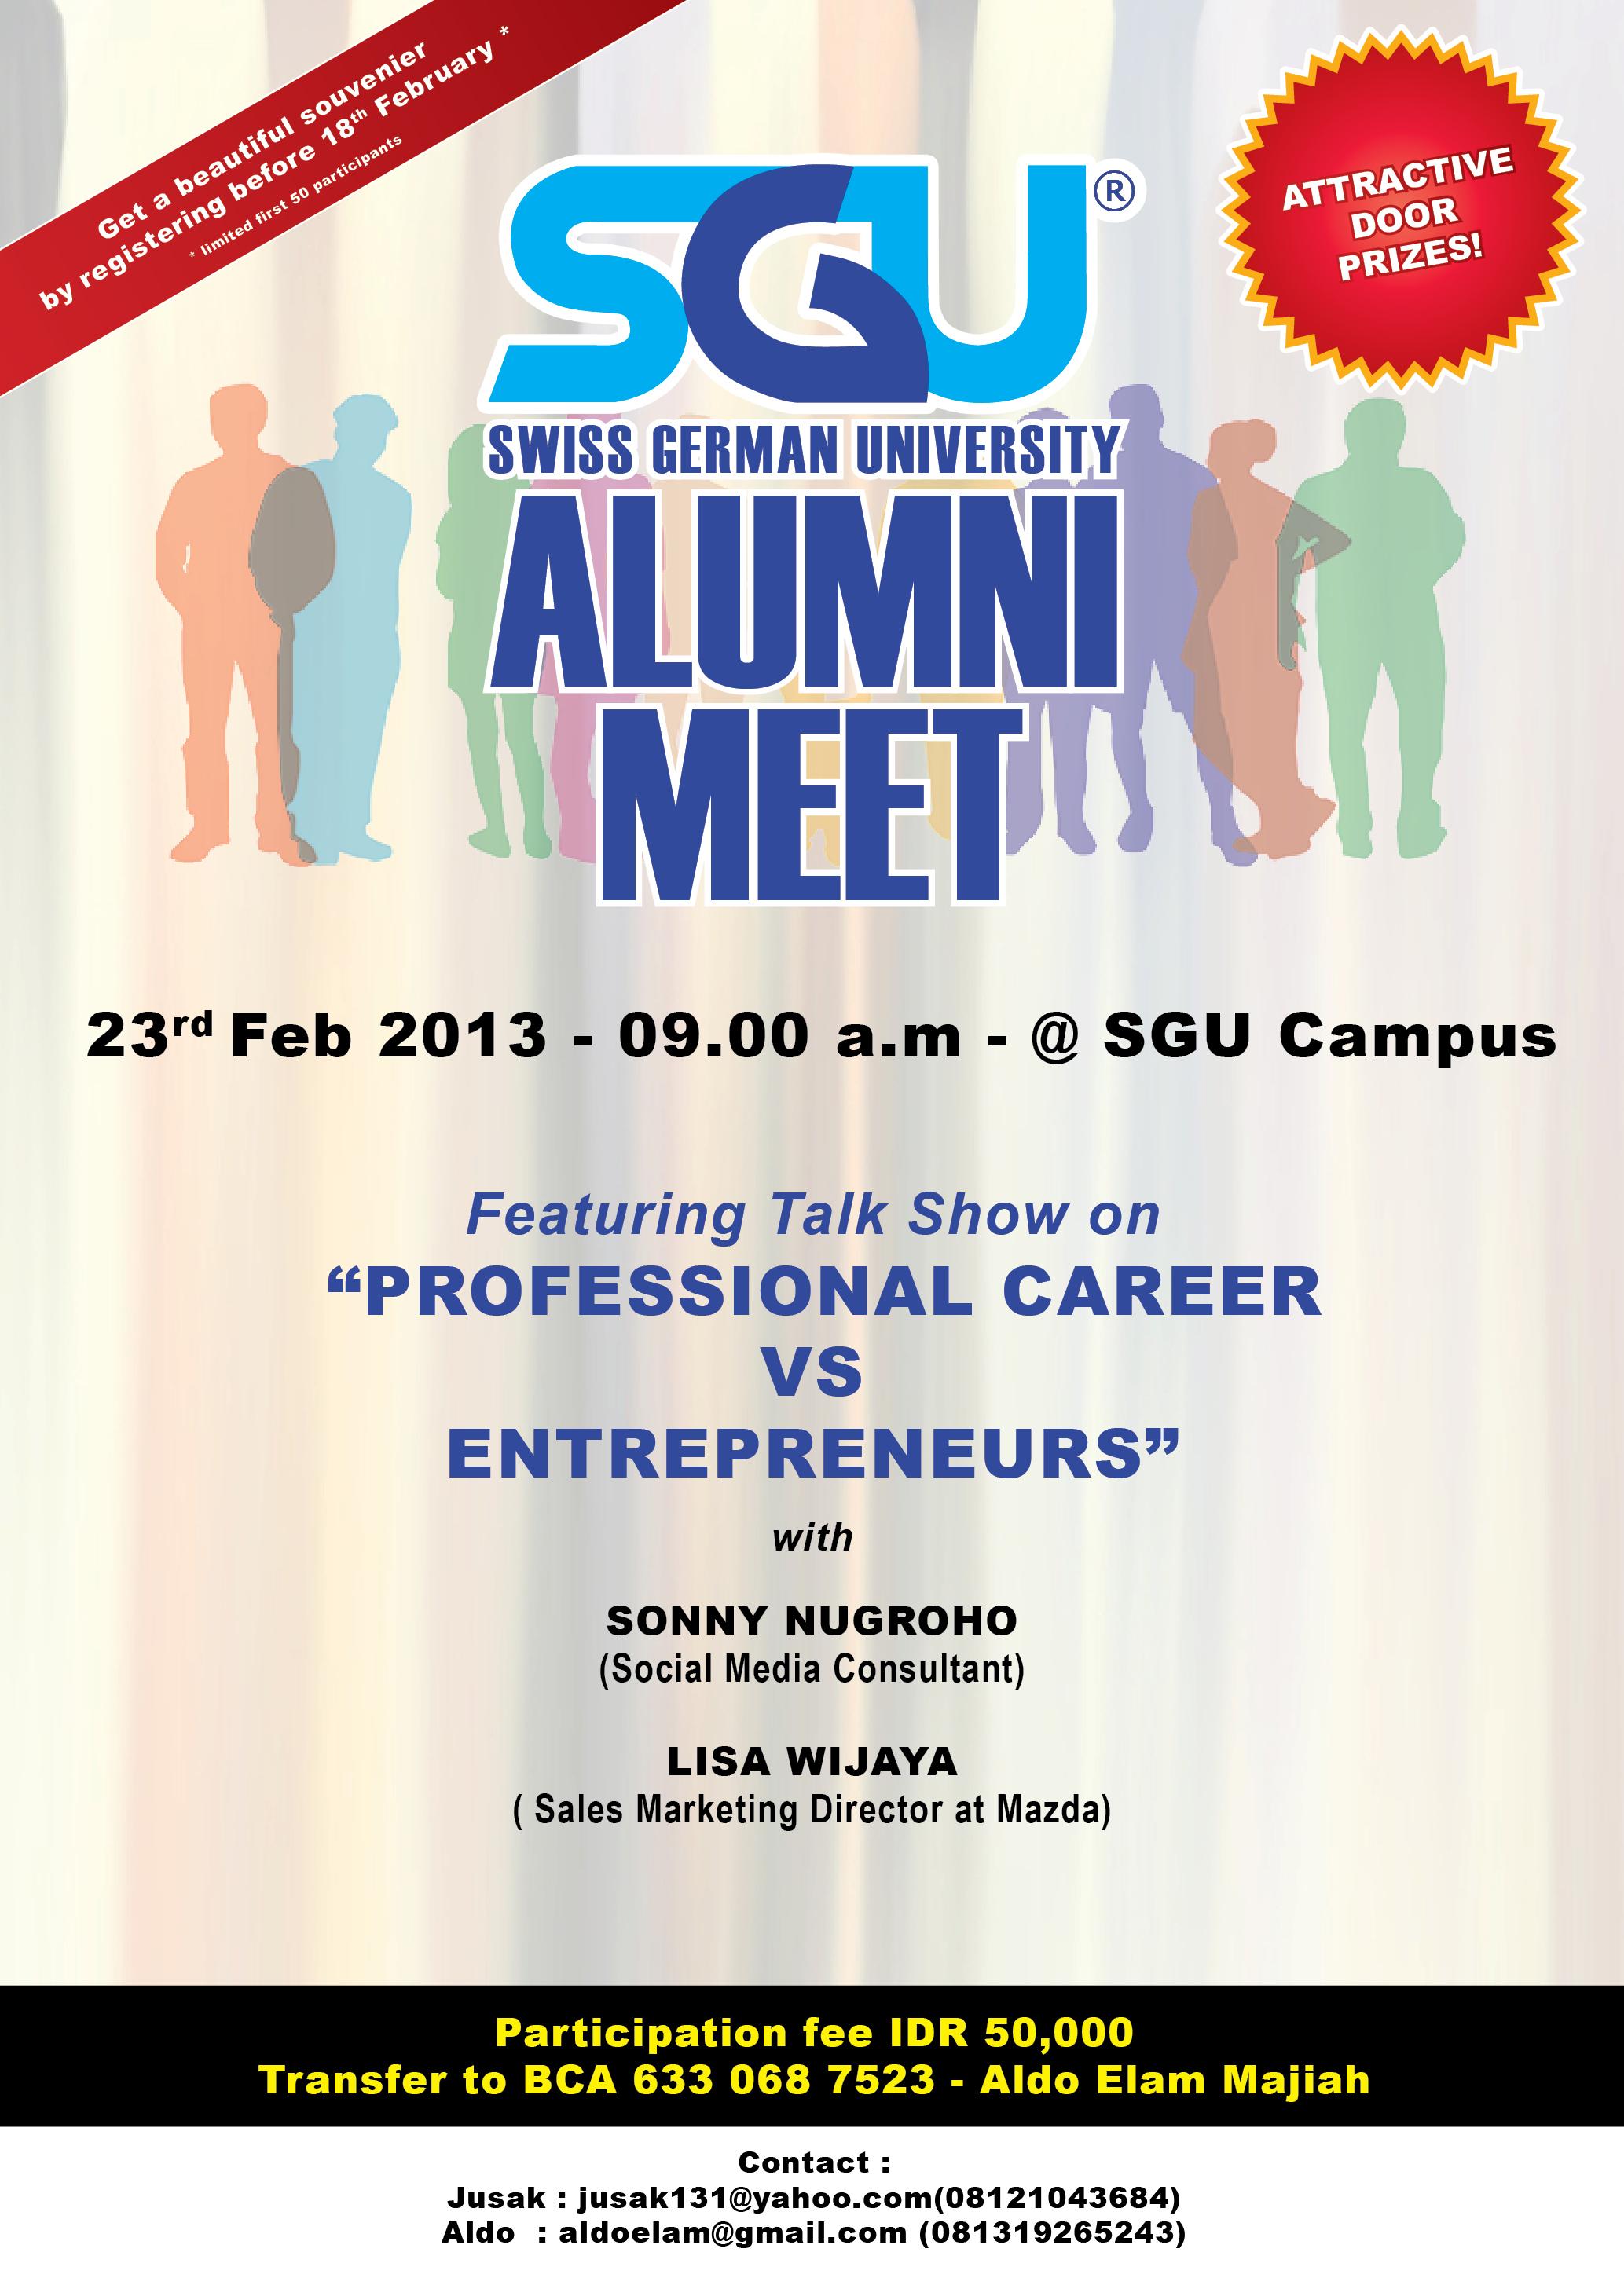 AlumniMeet13-Flyer